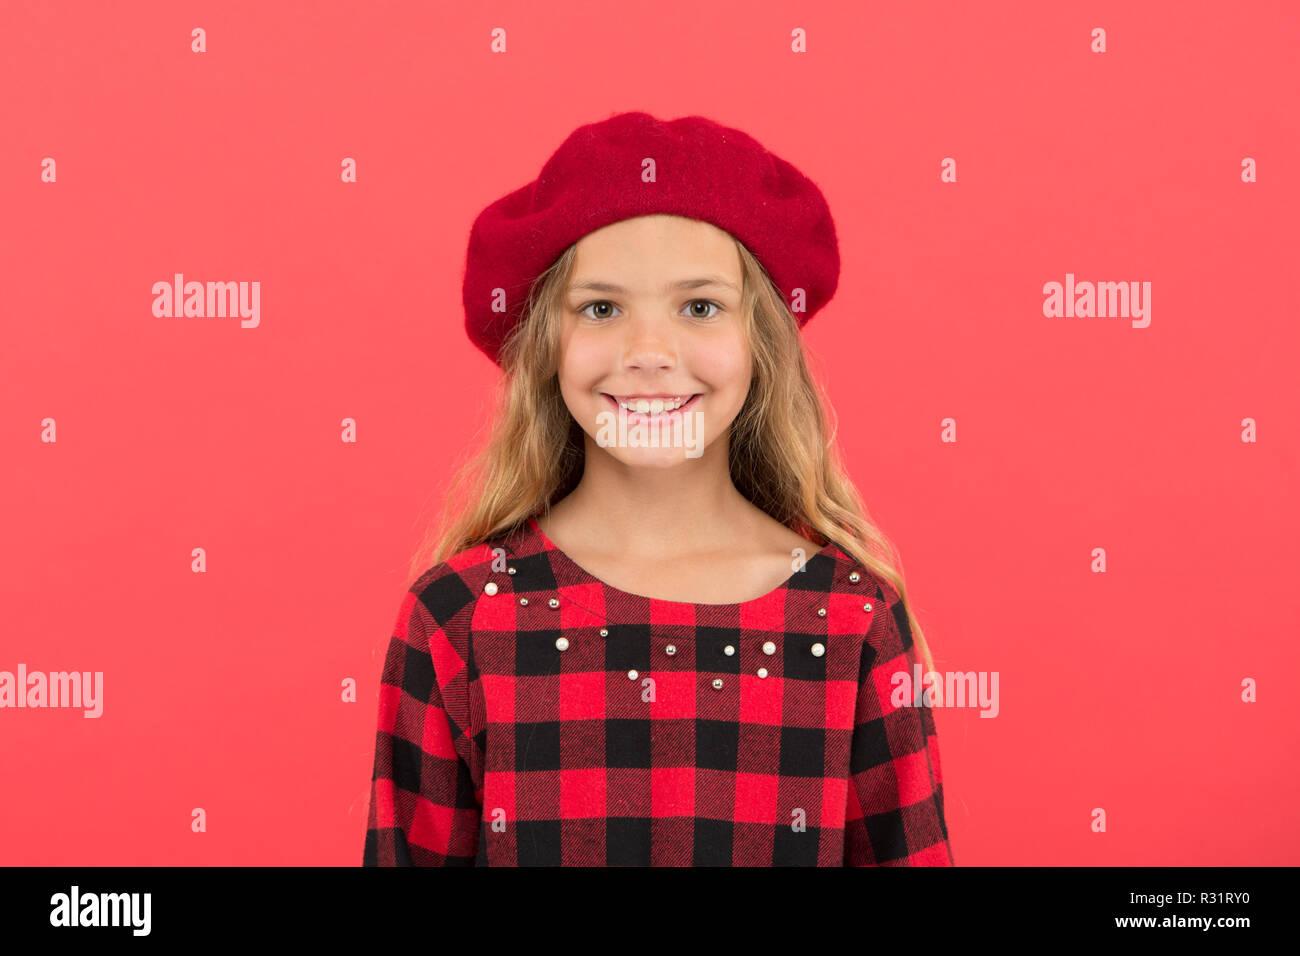 Cómo boina de desgaste como chica de moda. Niño Niña con cabello largo  posando en el sombrero y vestido a cuadros sobre fondo rojo. Boina moda  sombrero para ... f5dfd29f711